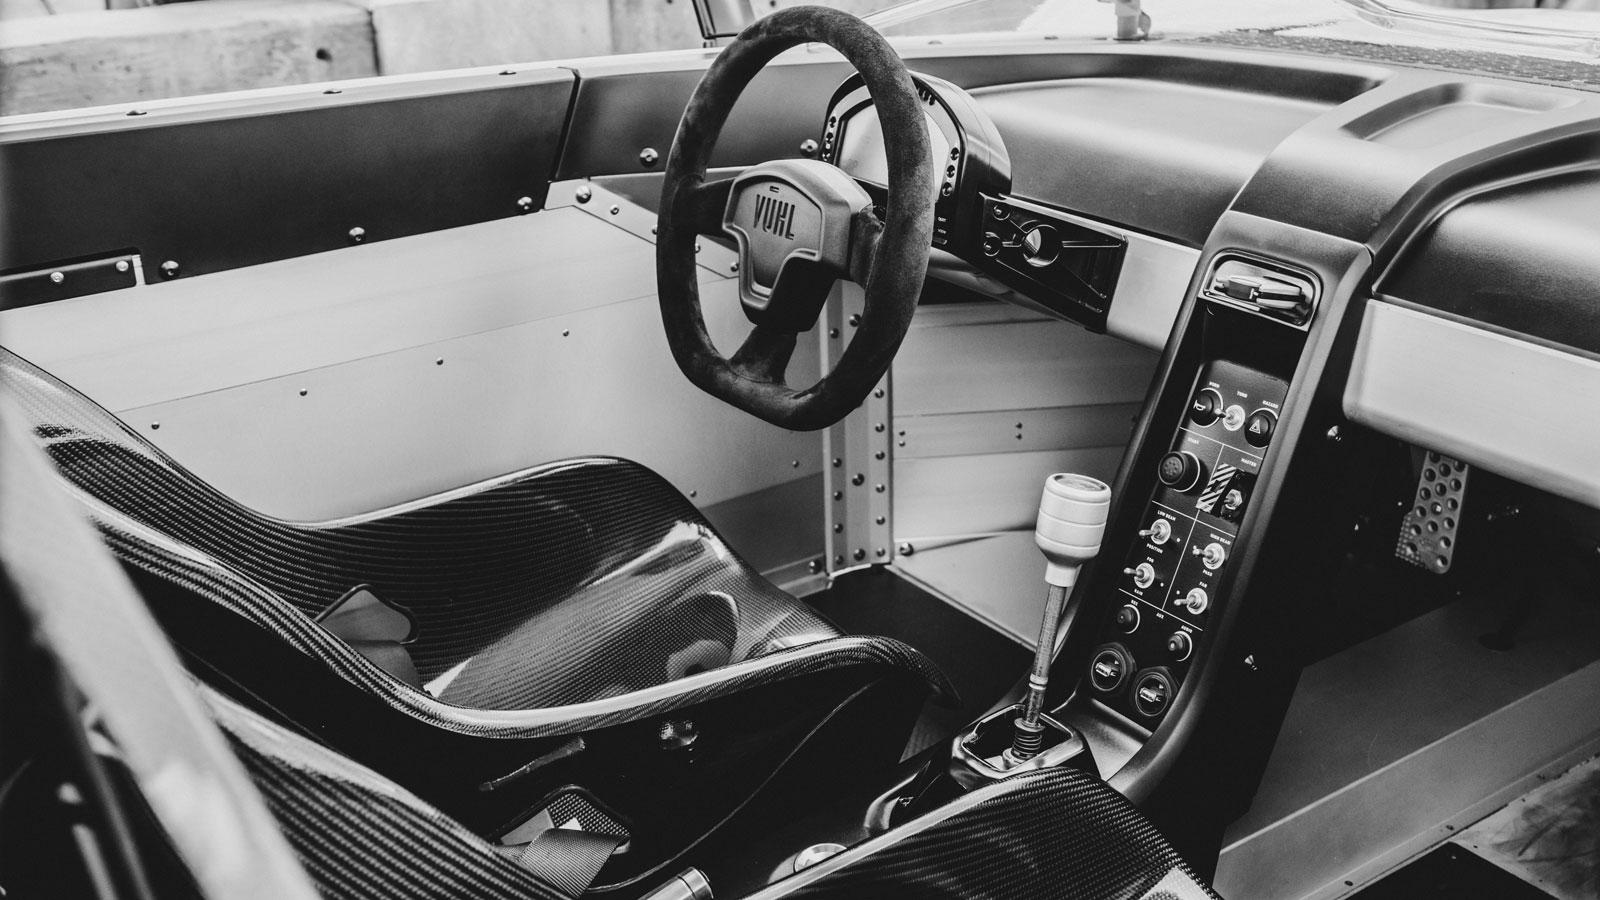 Vuhl Supercar Interior Car Body Design